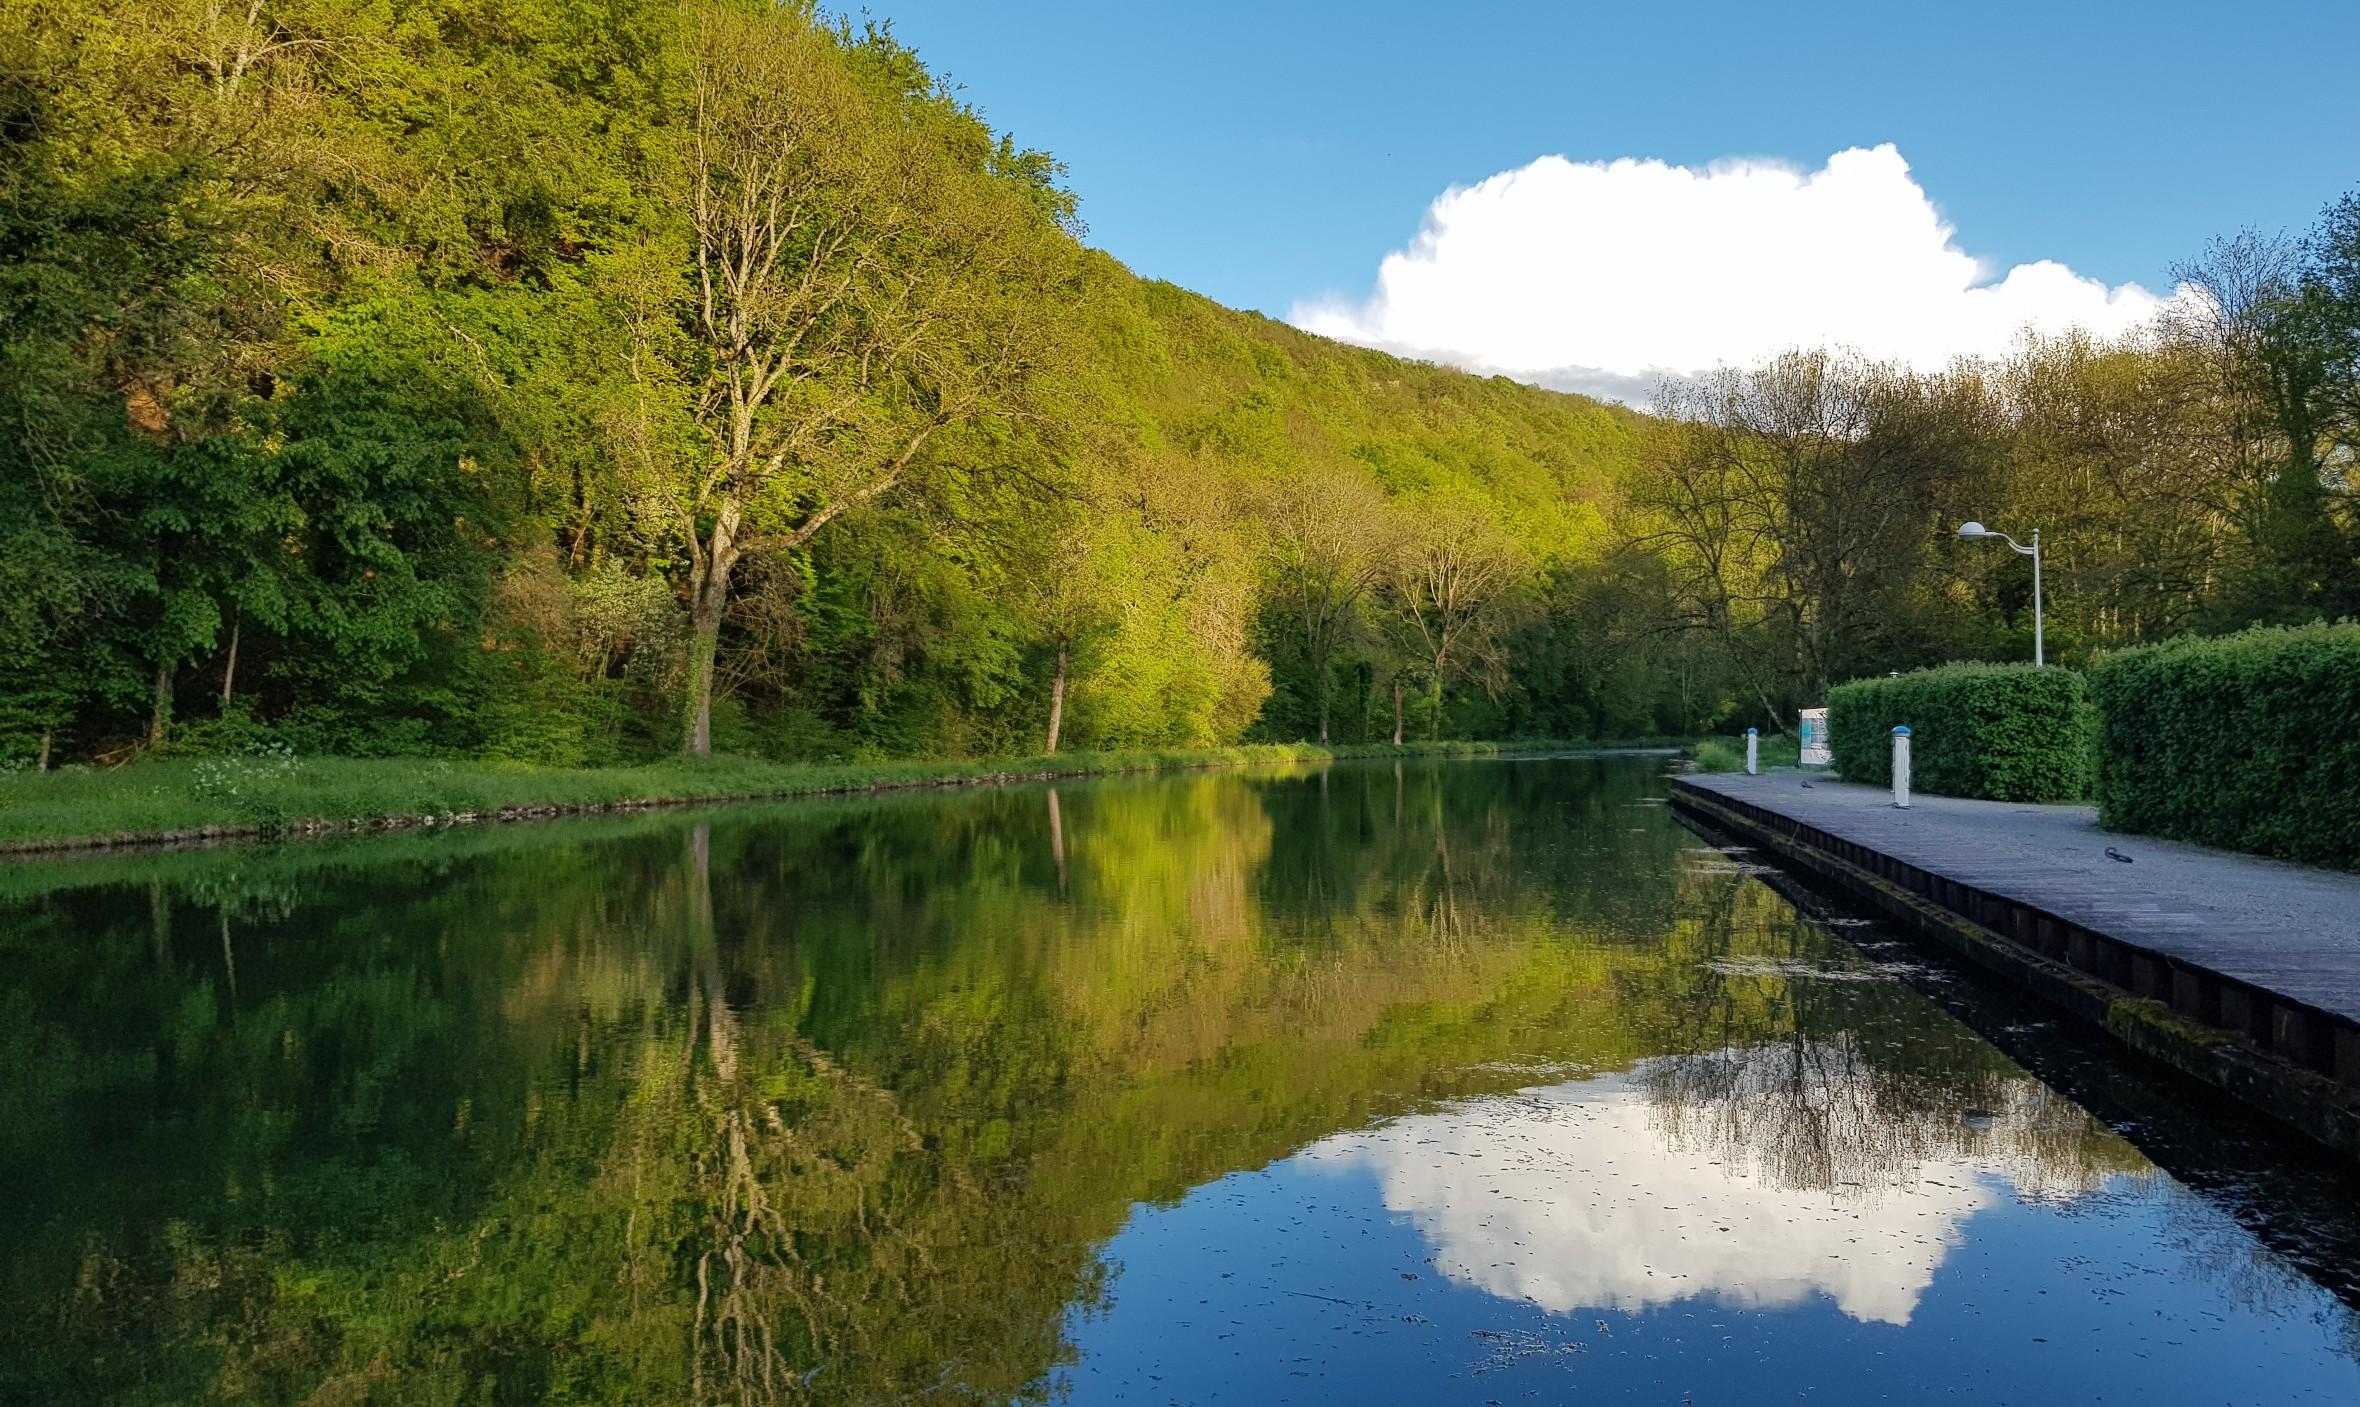 Erster Abend in Froncles. Der Kanal ist glatt wie ein Spiegel und der blaue Himmel, eine grosse weisse Wolke und der nahe Wald spiegeln sich darin